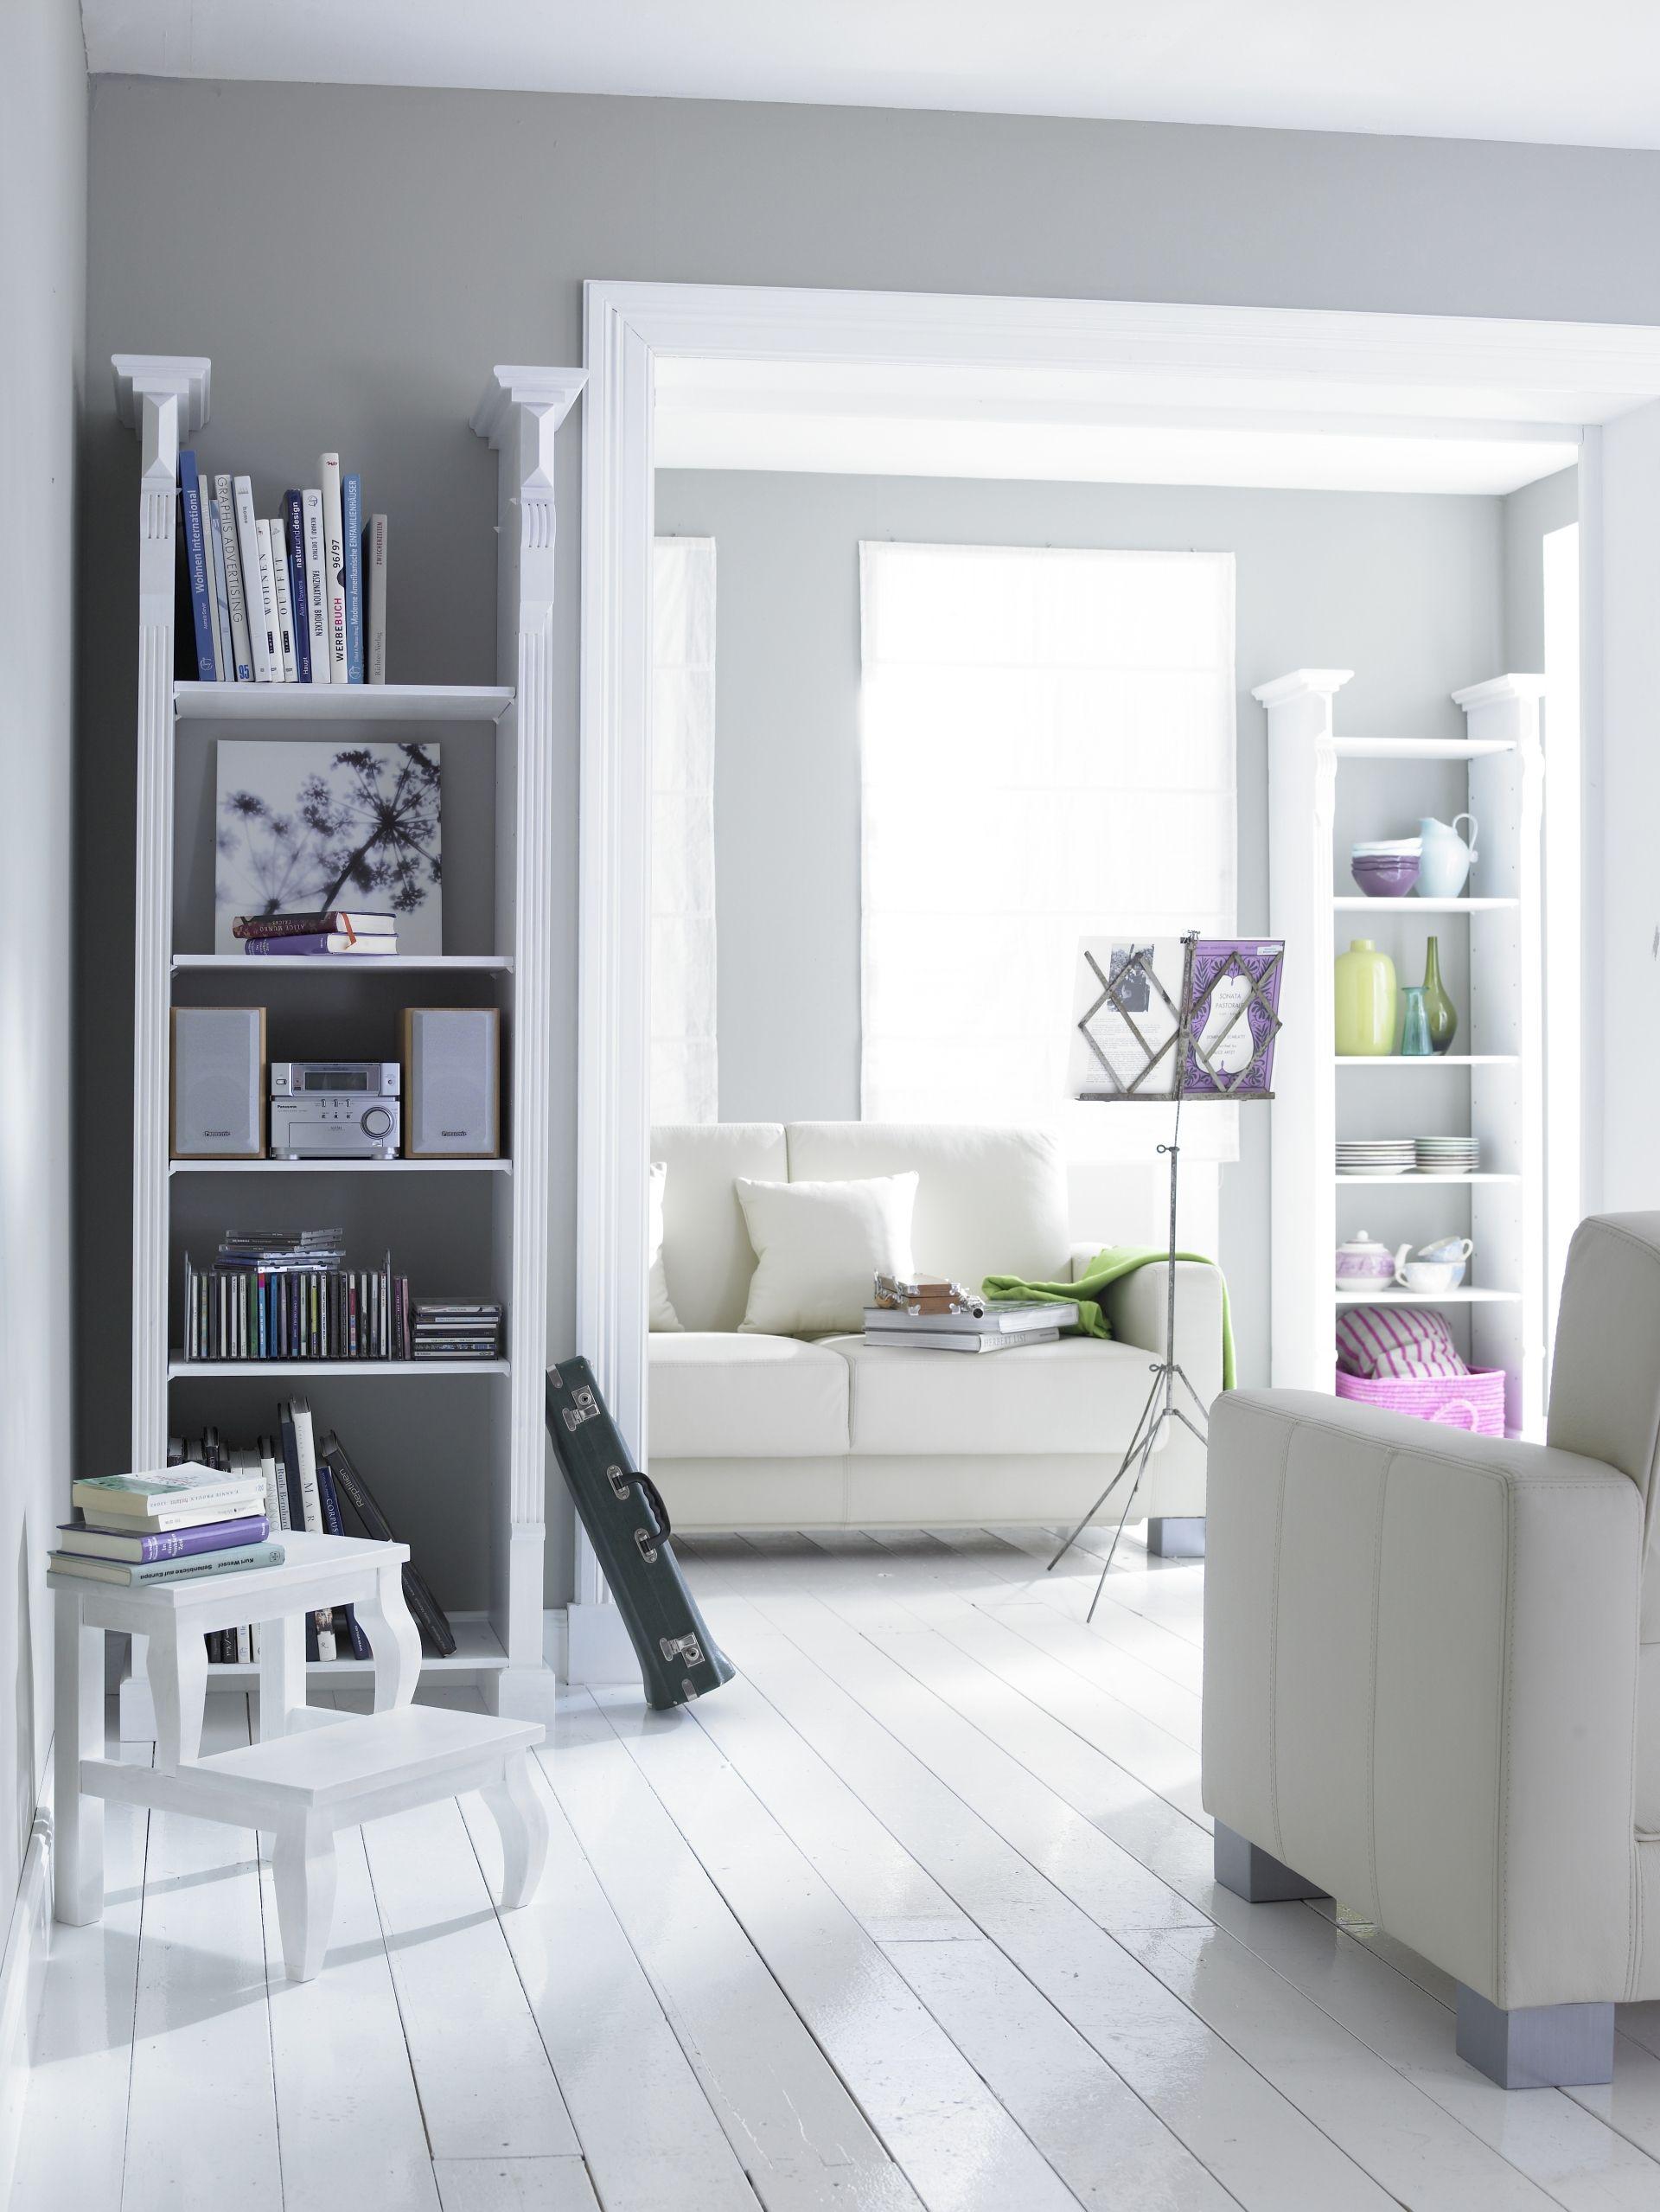 Wohnzimmer Mit Durchbruch Bauemotionde